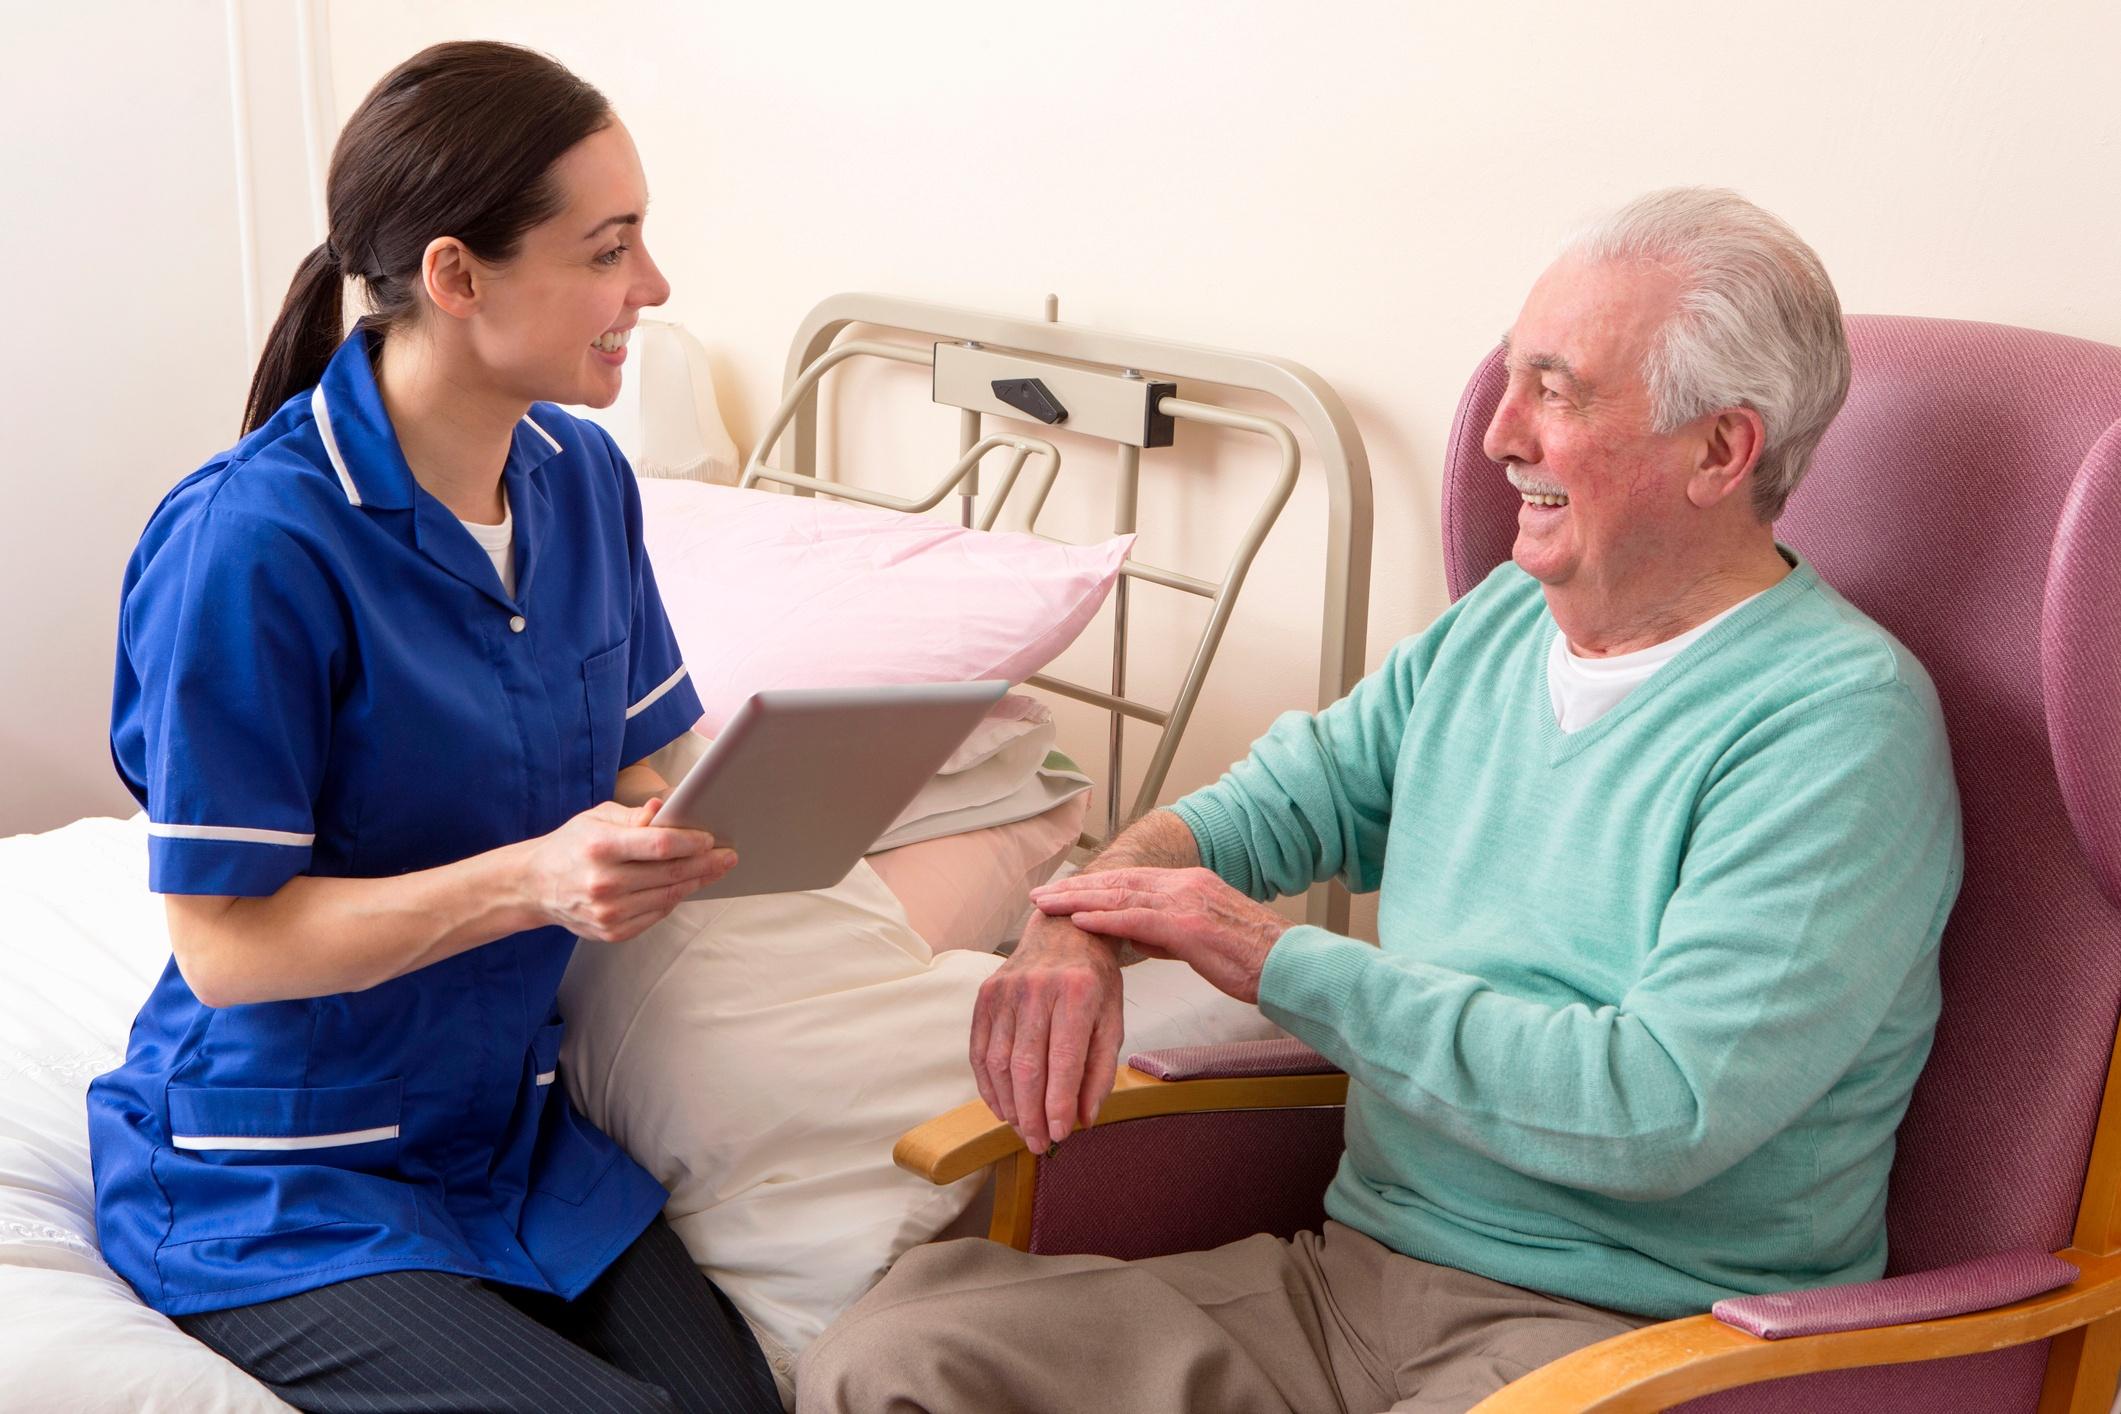 patient-rounding-elderly-man.jpg